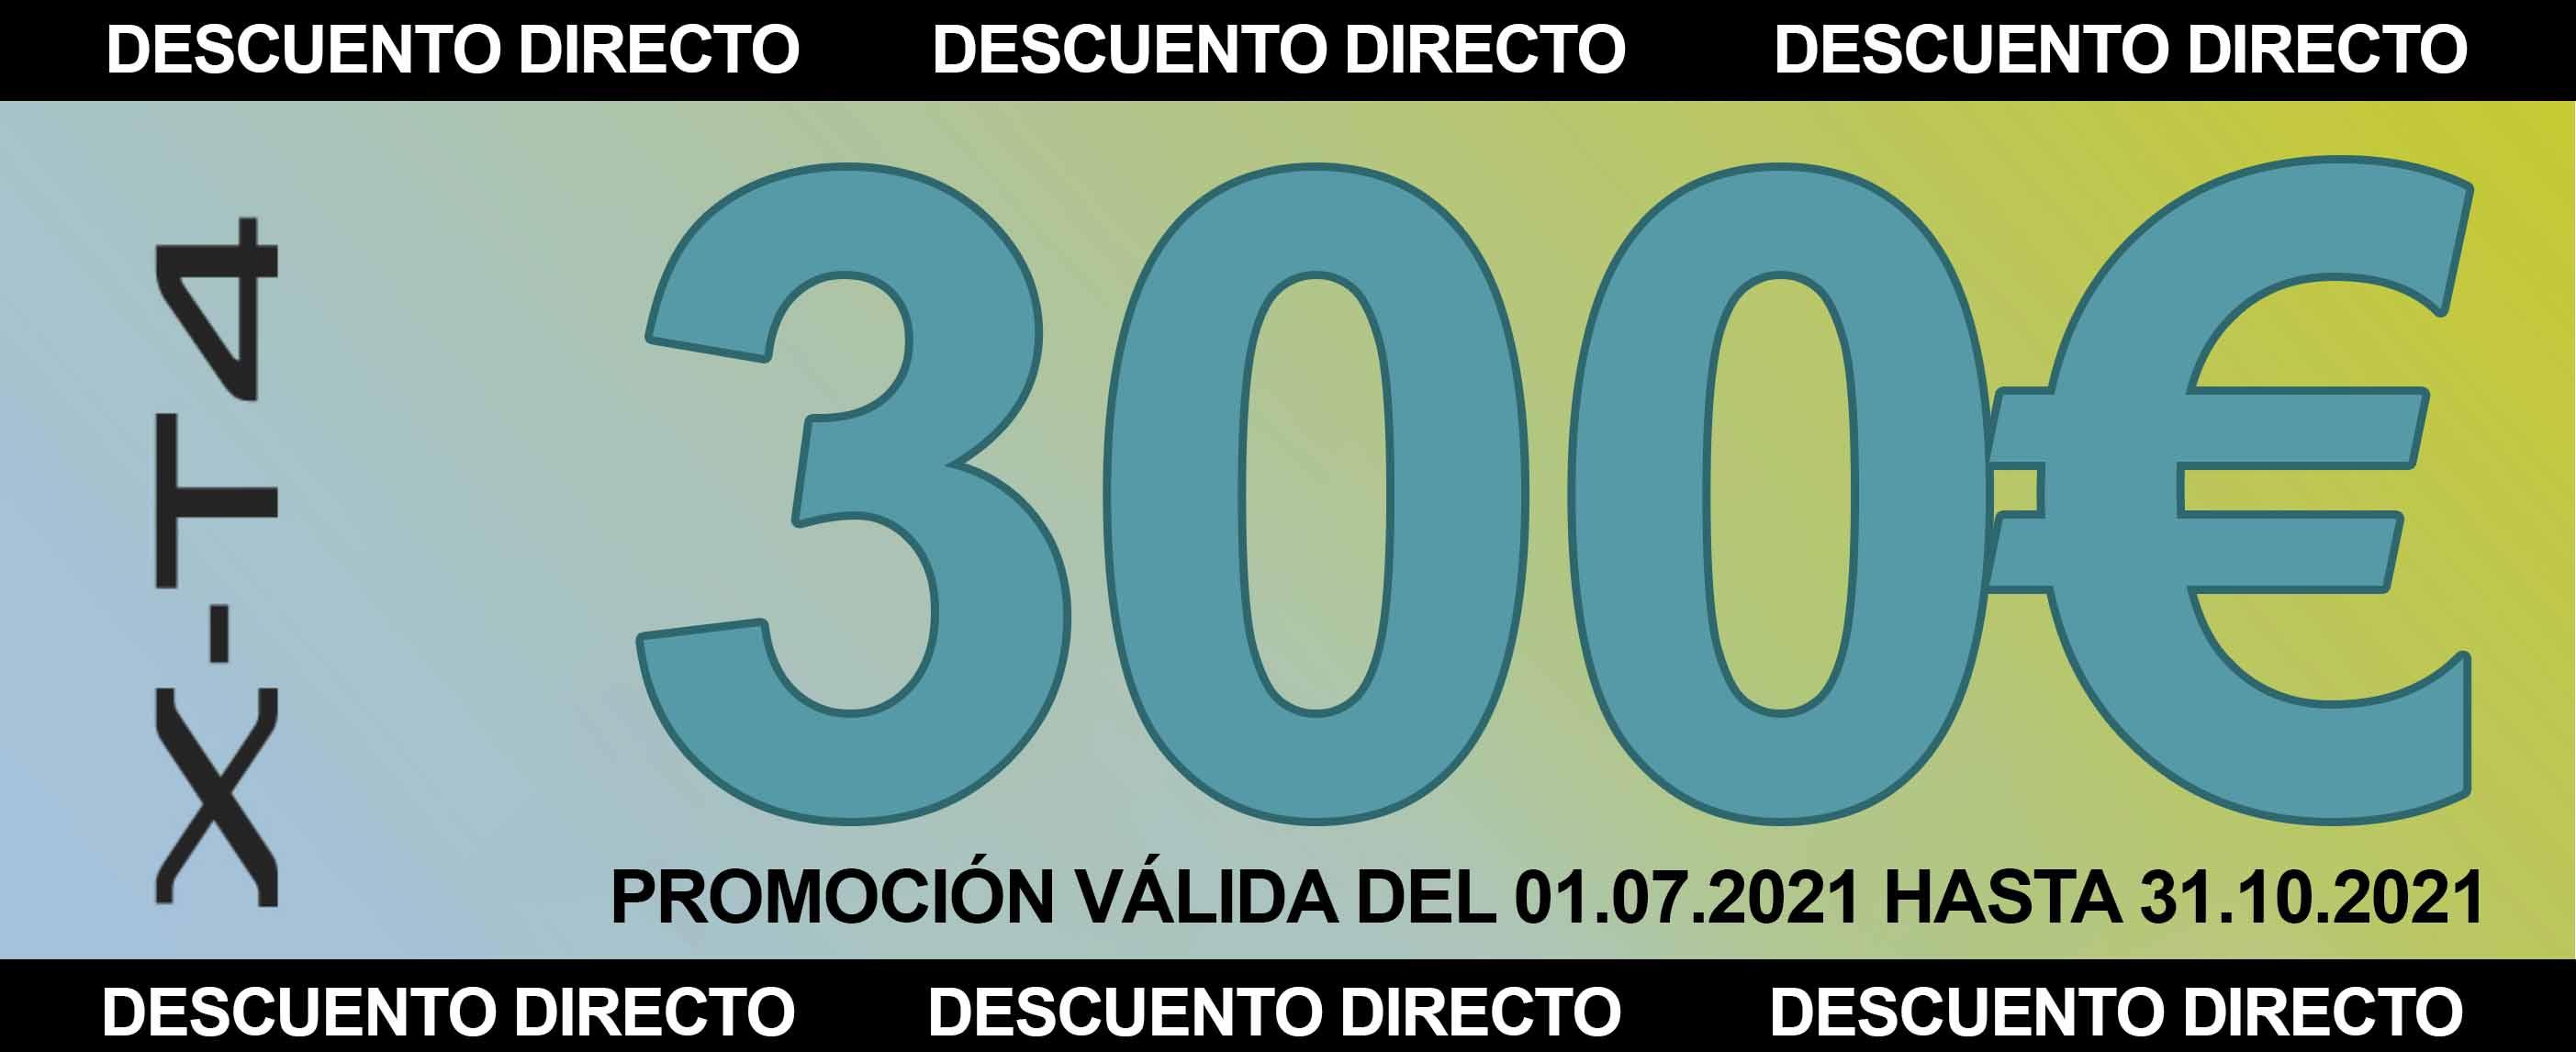 cintillo-oferta 300_1.jpg